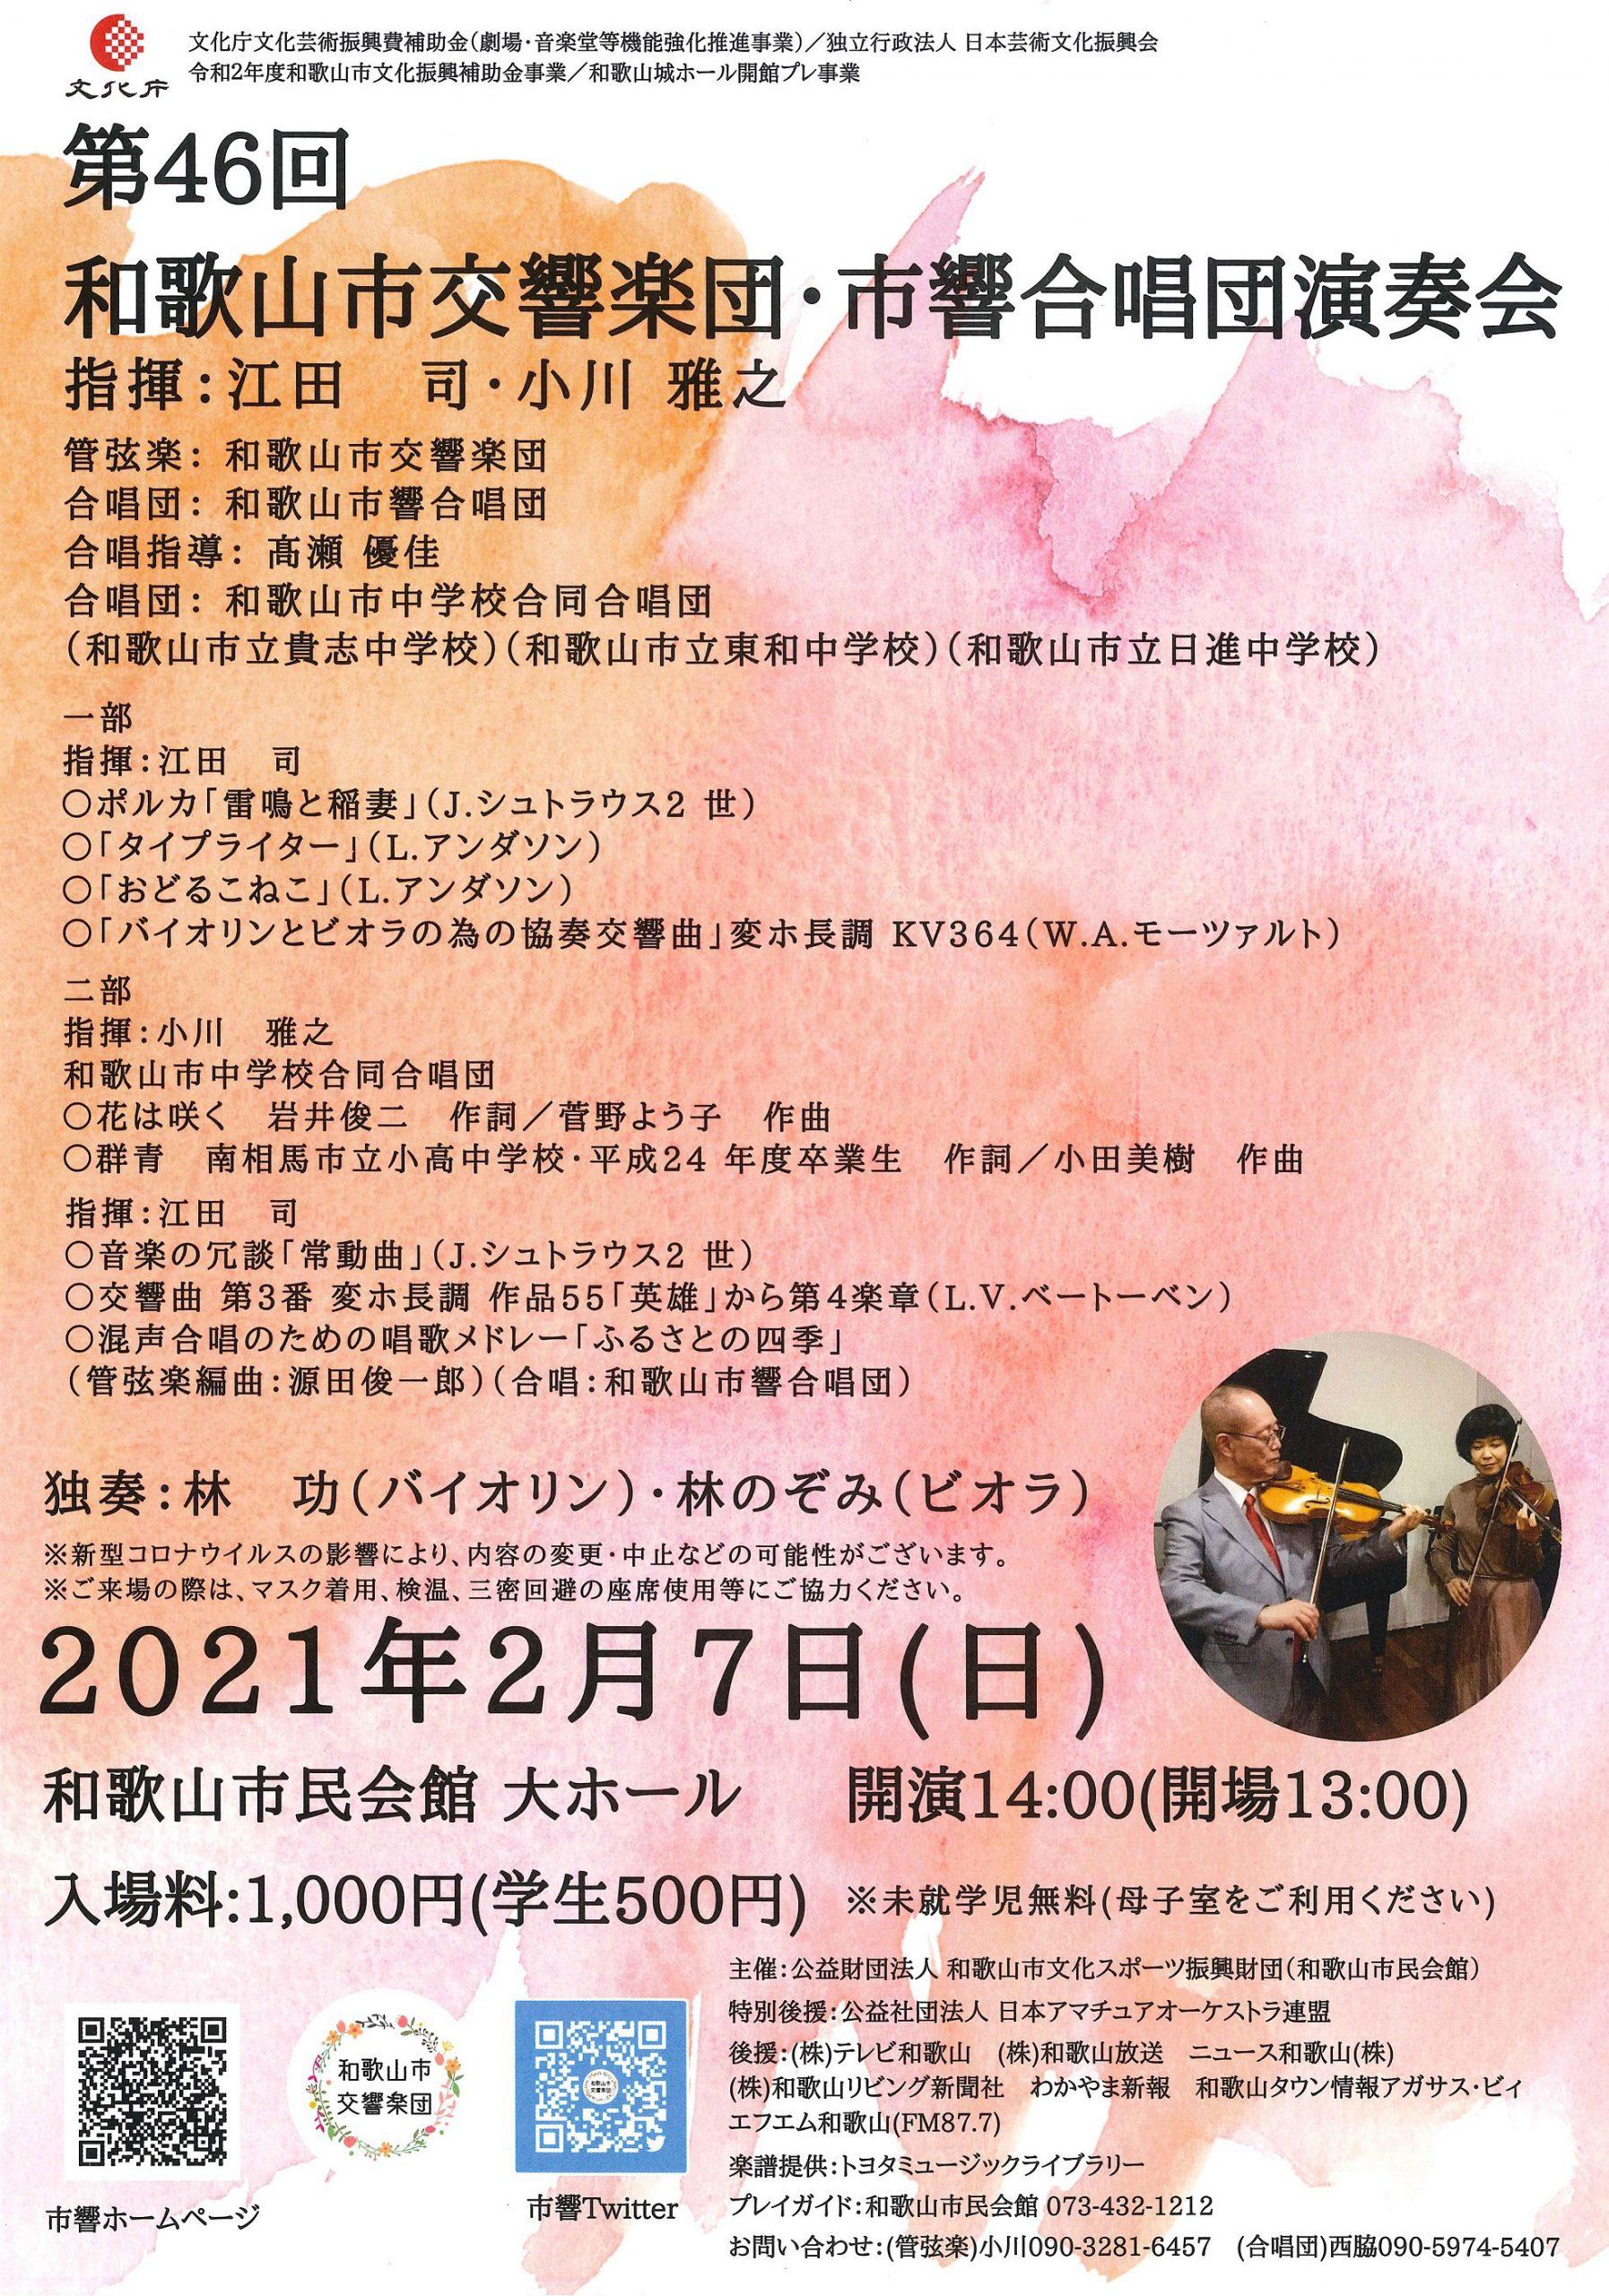 「第46回 和歌山市交響楽団・市響合唱団演奏会」開催